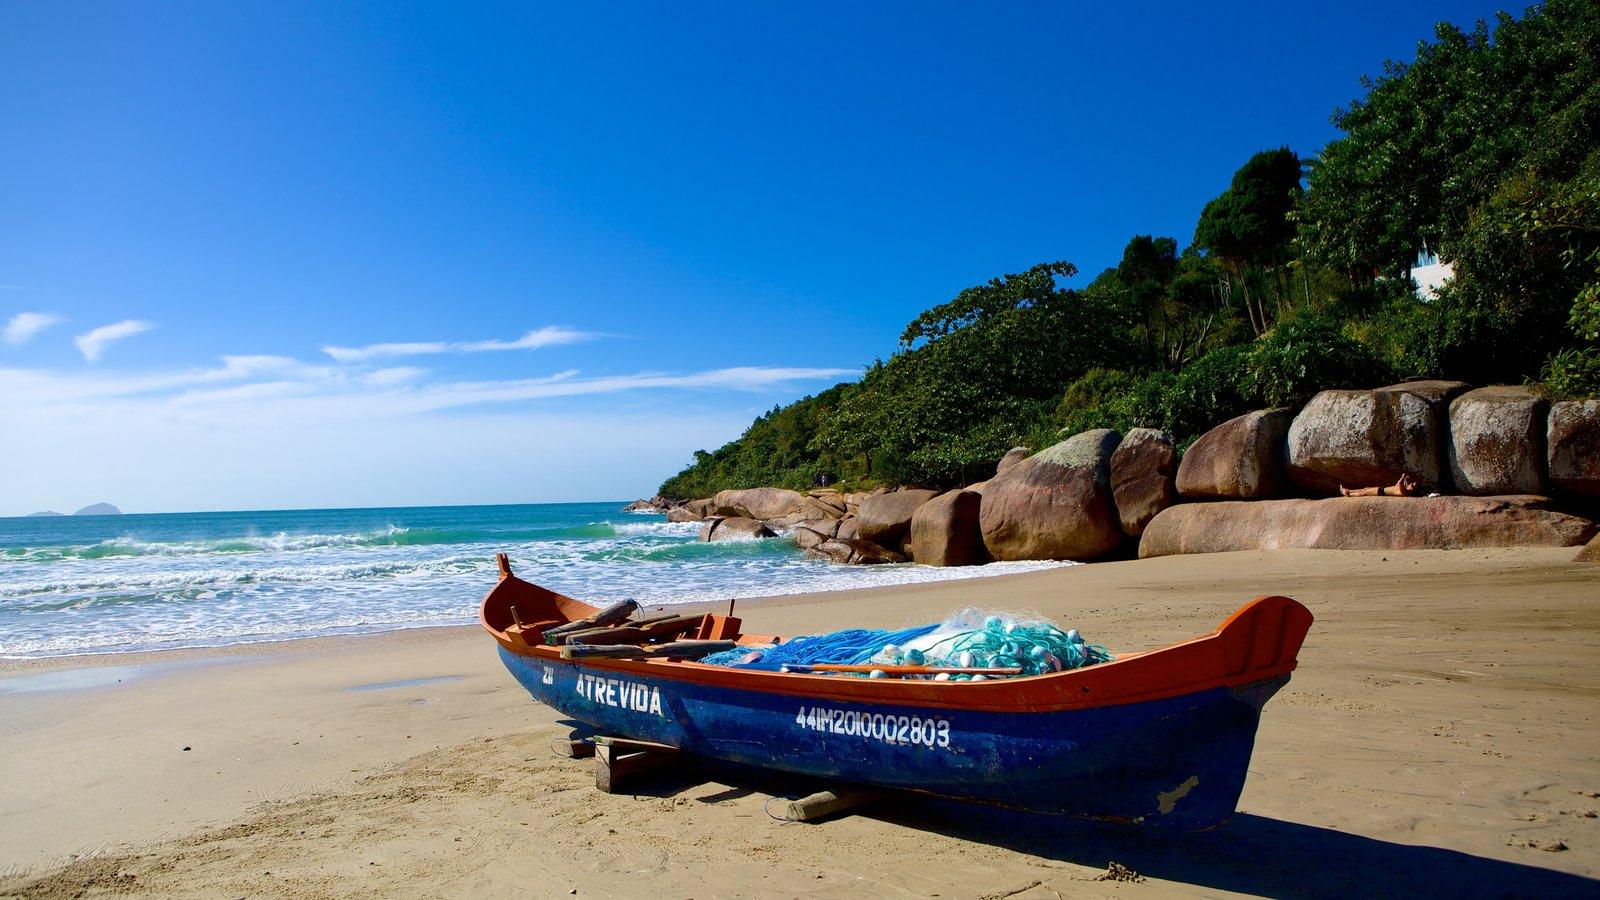 Praia da Barra da Lagoa caracterizando canoagem, uma praia e paisagem